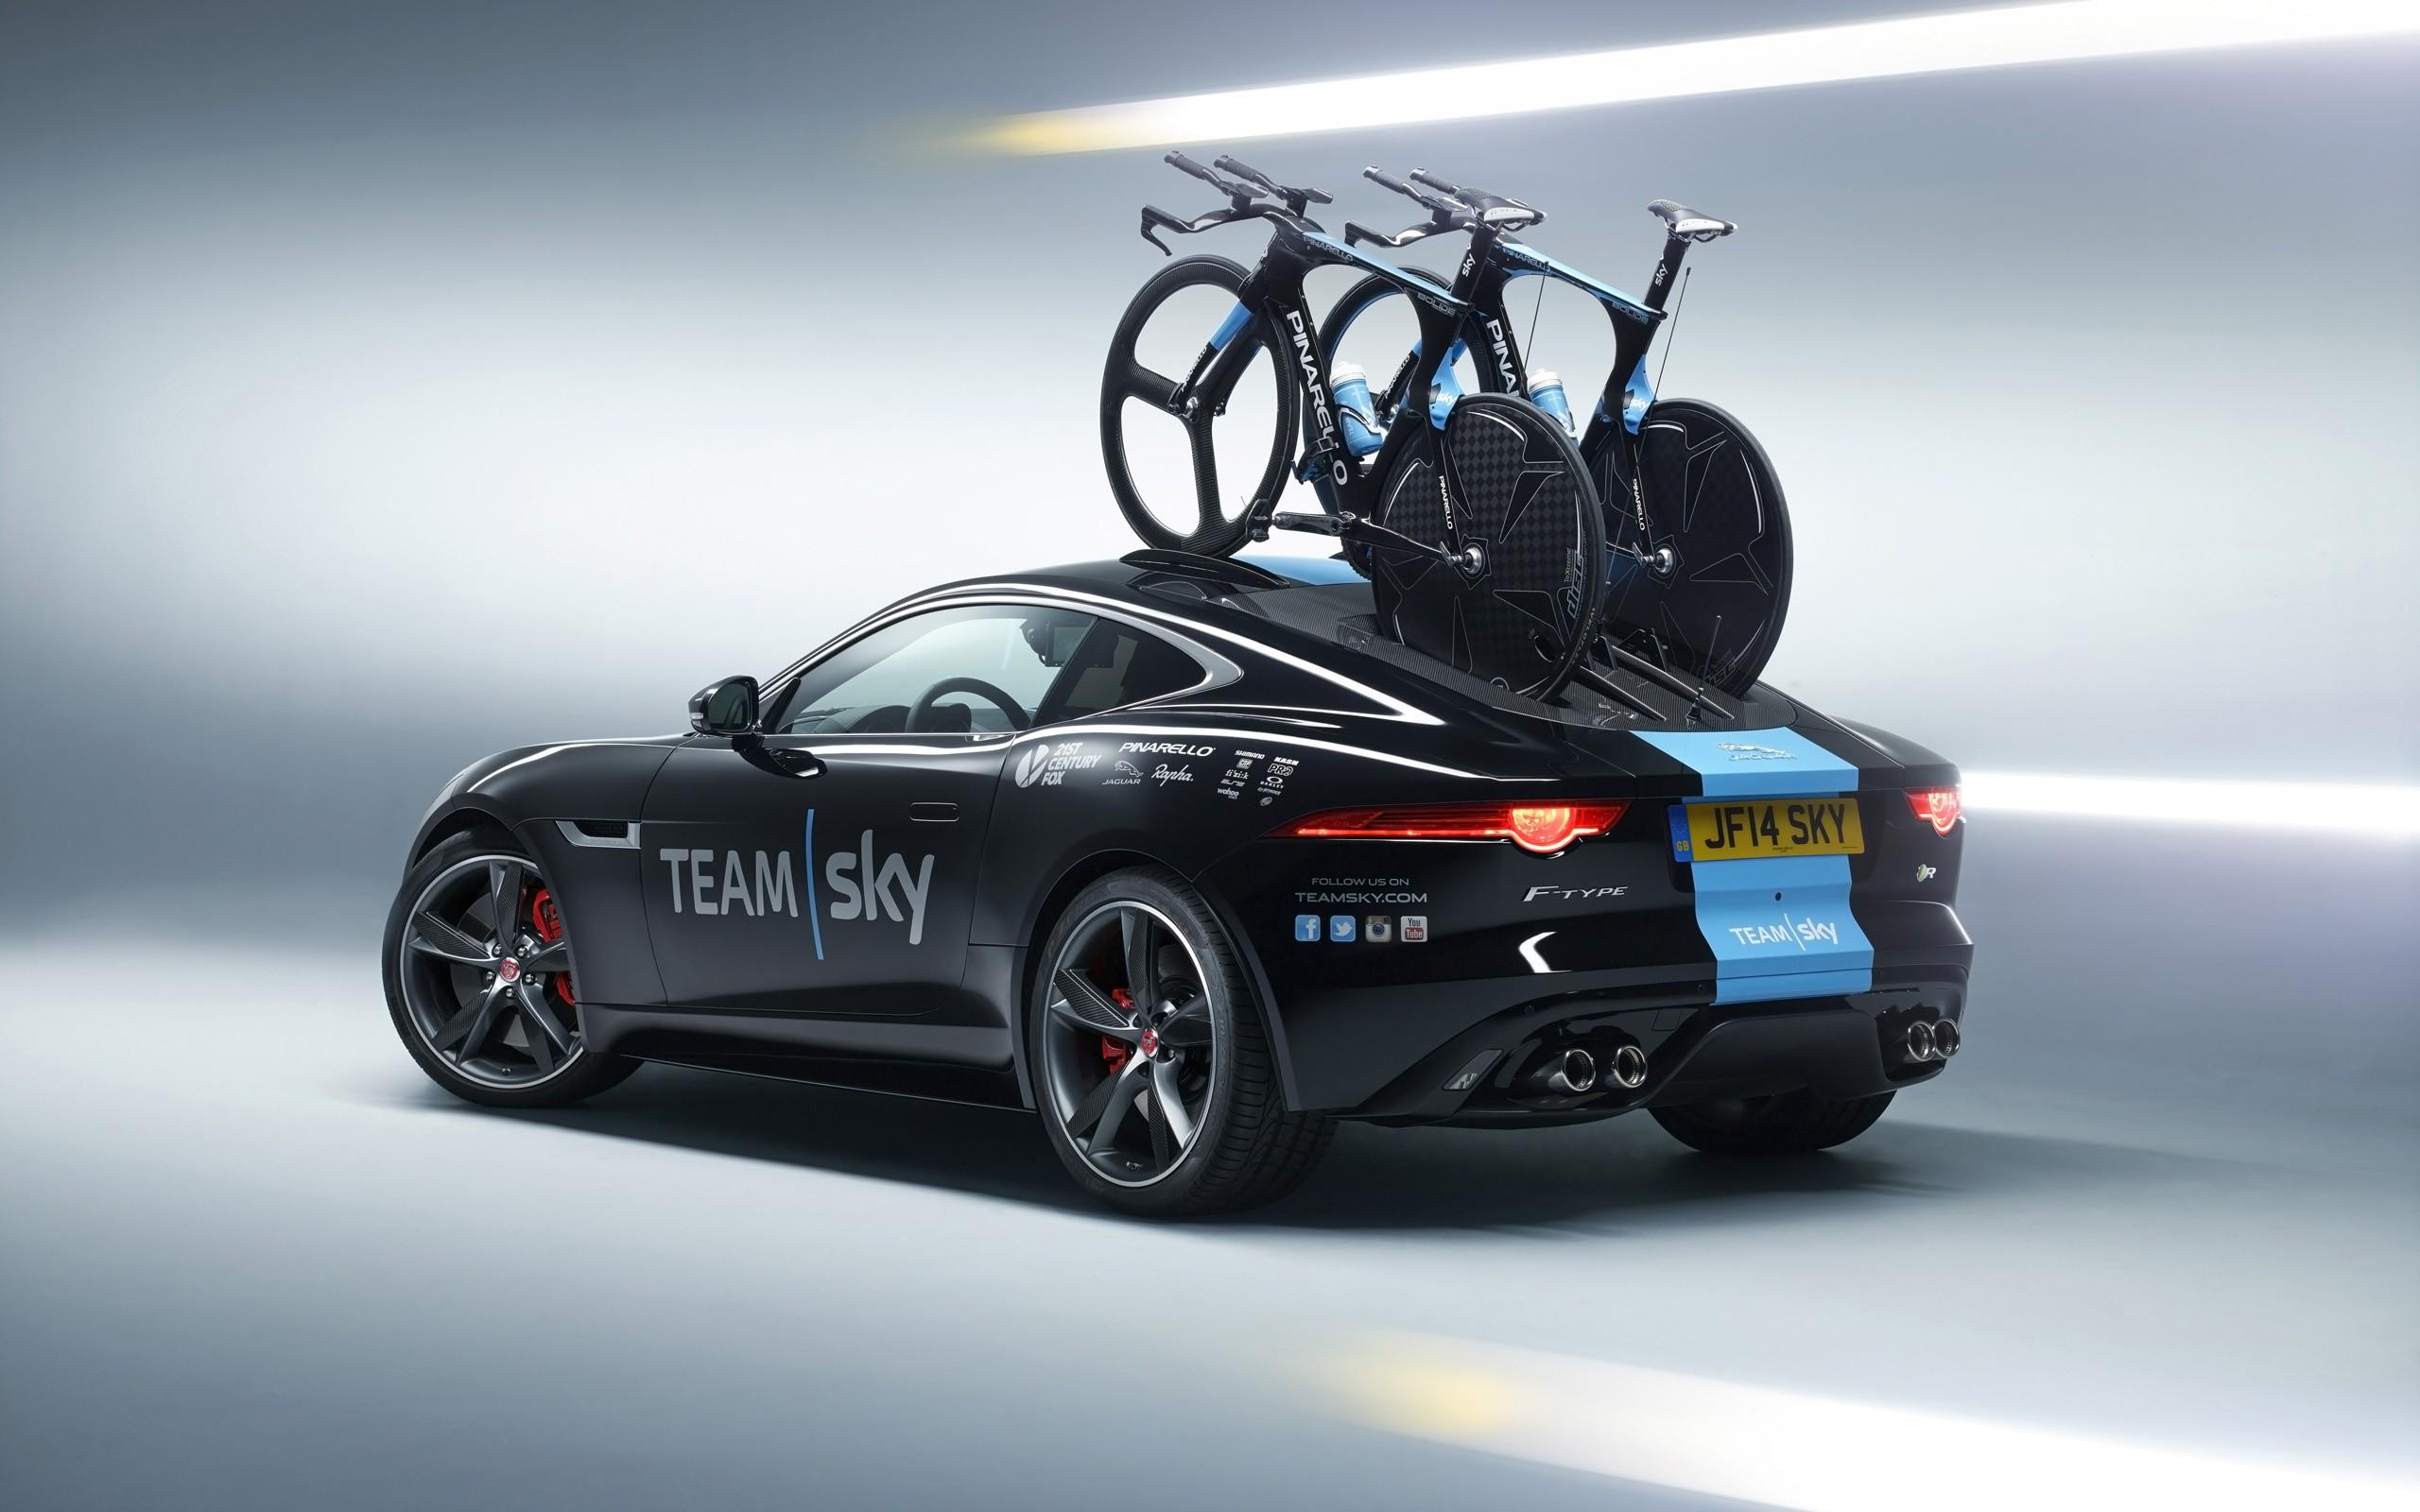 Jaguar F Type Coupe >> 2014 Jaguar F Type Coupe Tour de France 3 Wallpaper | HD ...